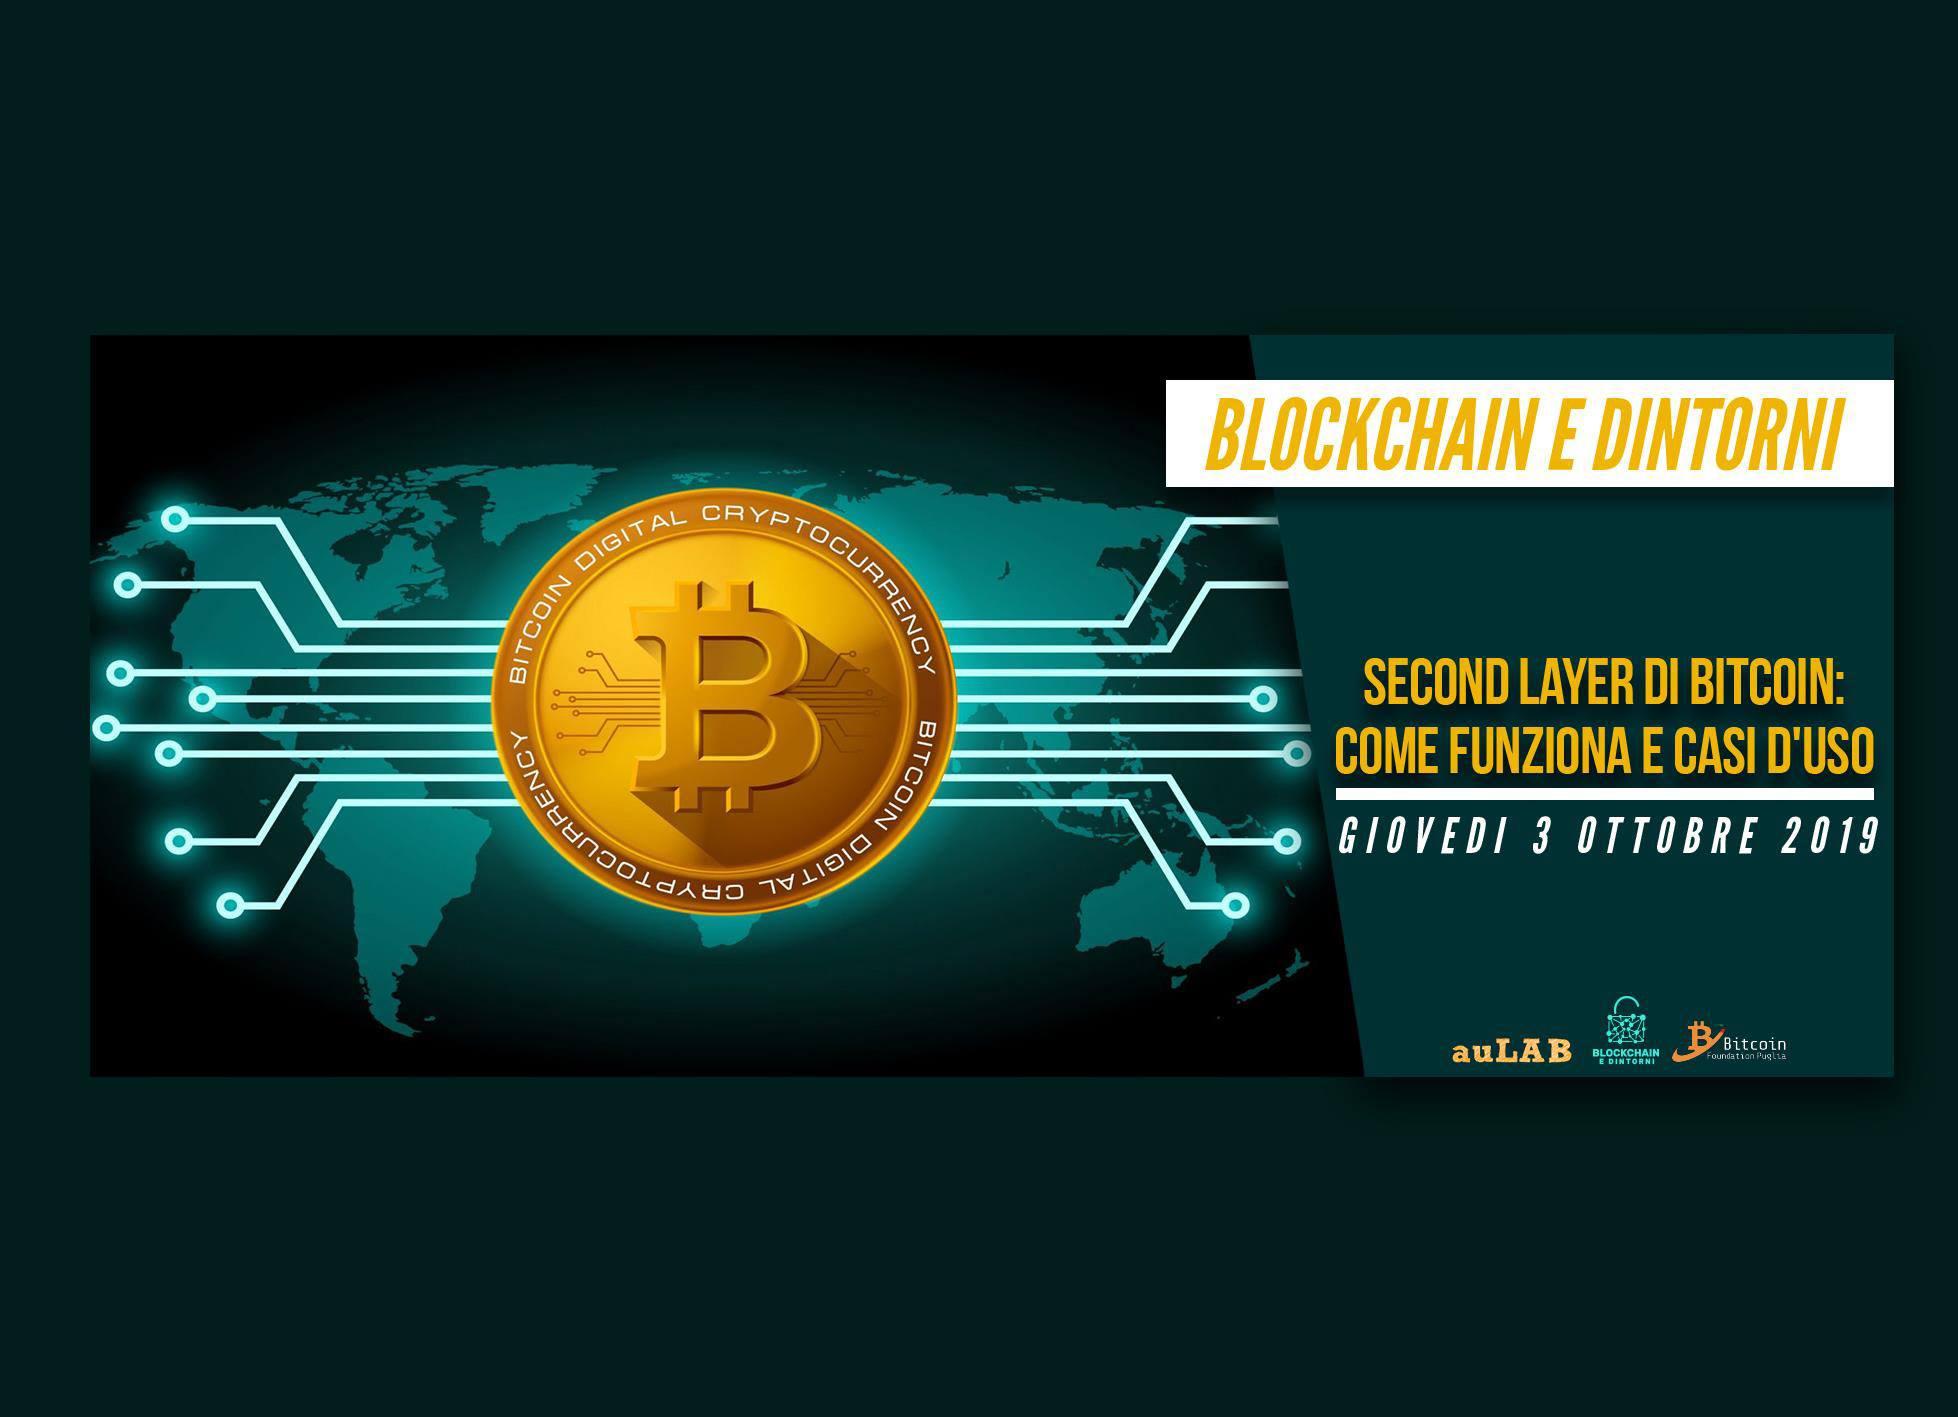 Second layer di Bitcoin, come funziona e casi d'uso